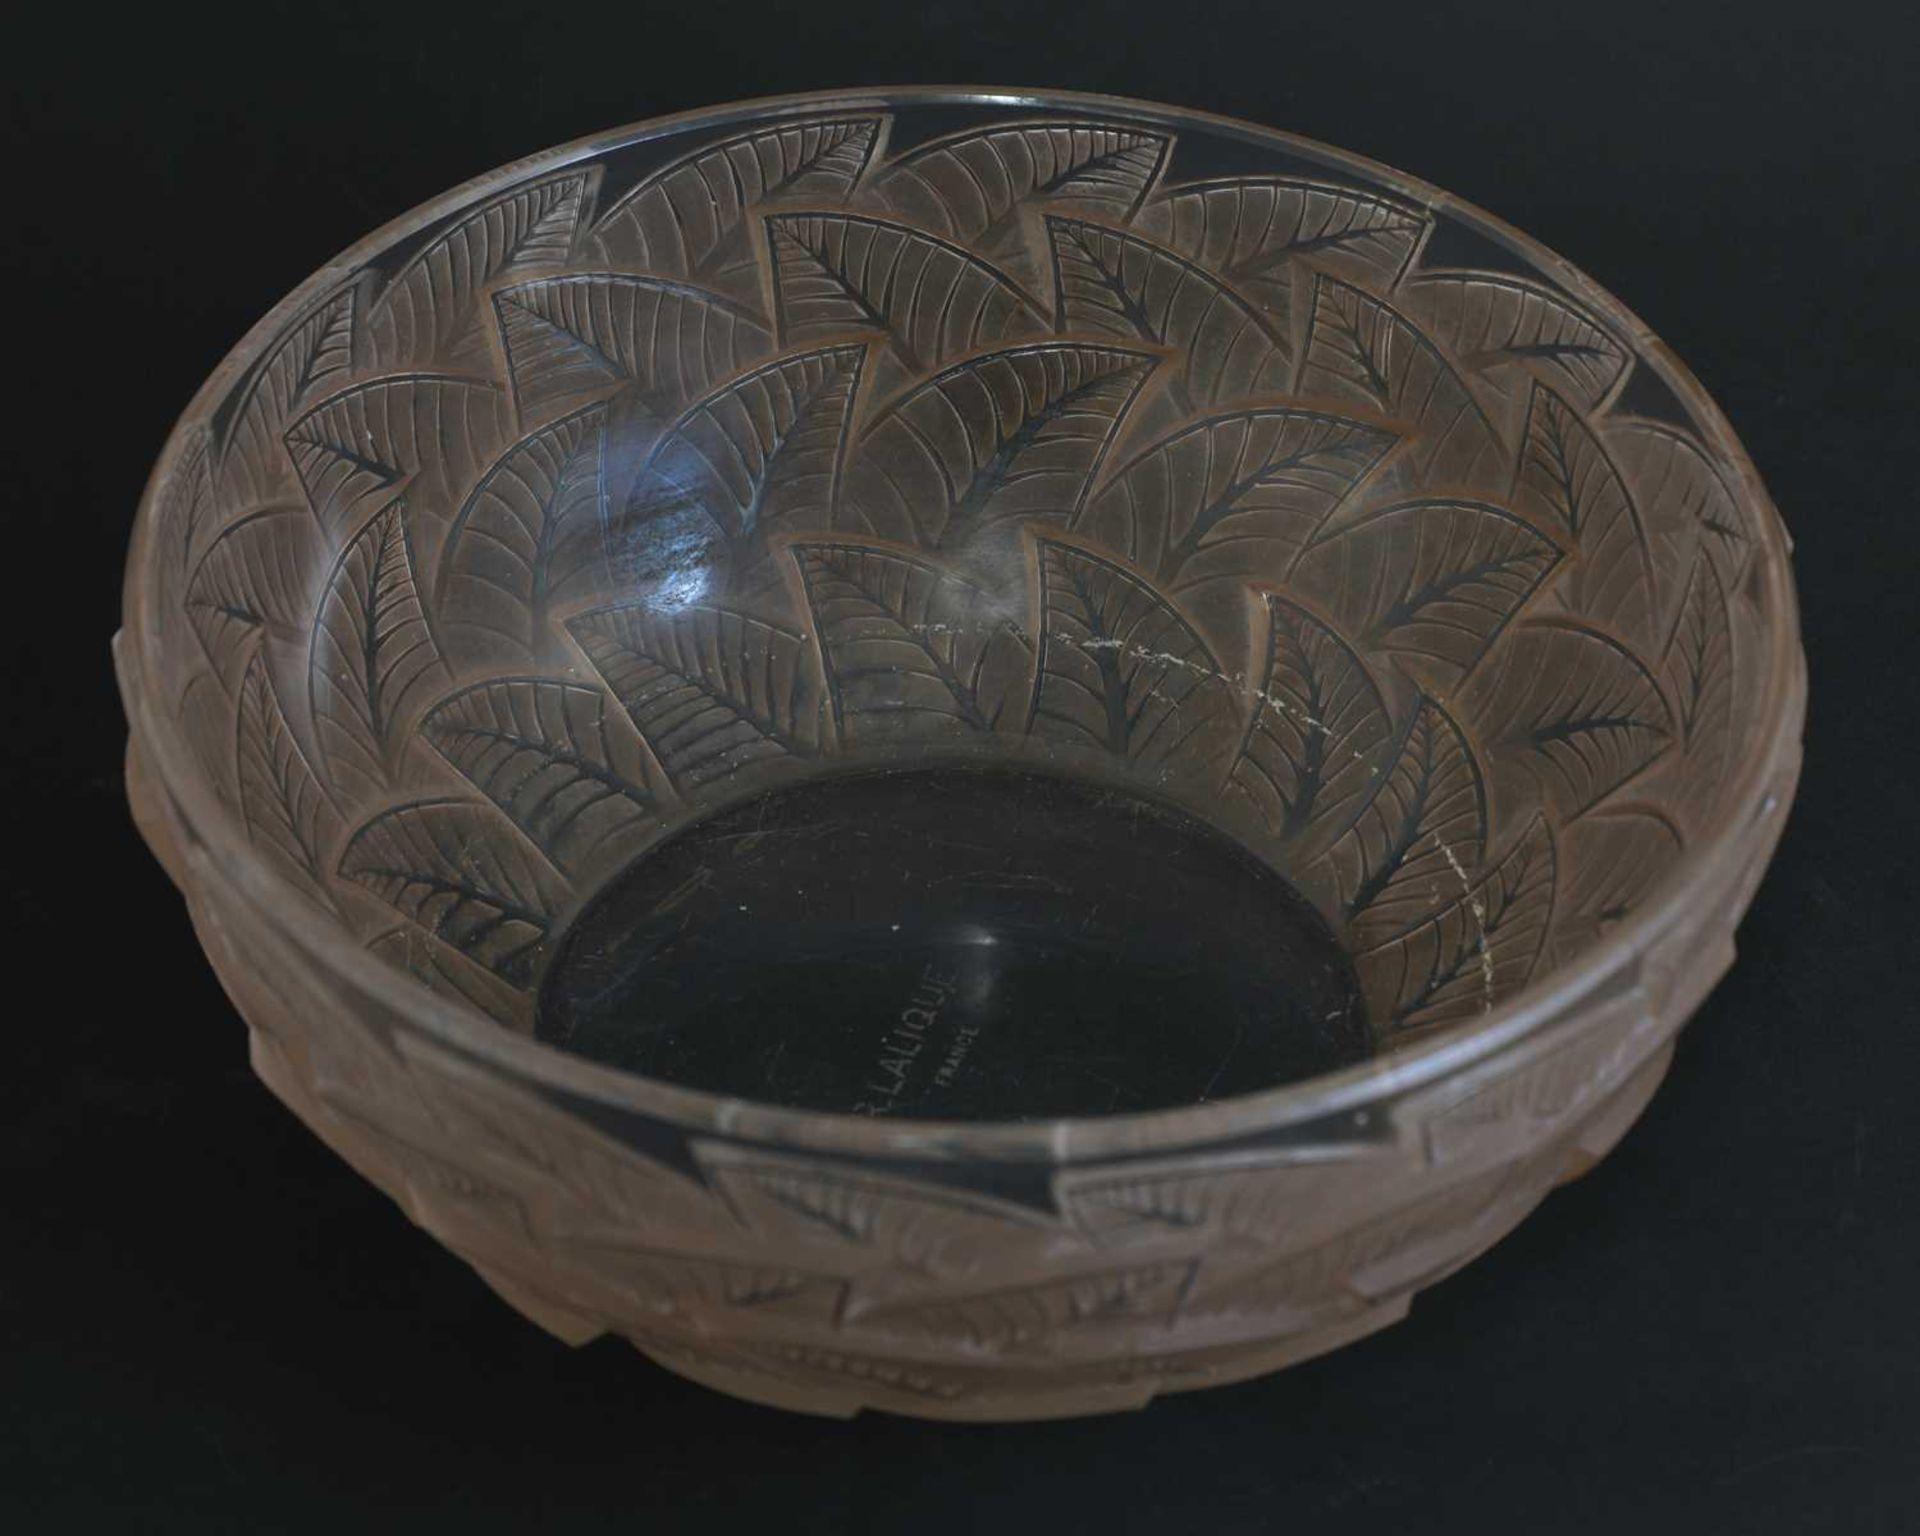 A Lalique 'Ormeaux' glass bowl, - Image 3 of 3